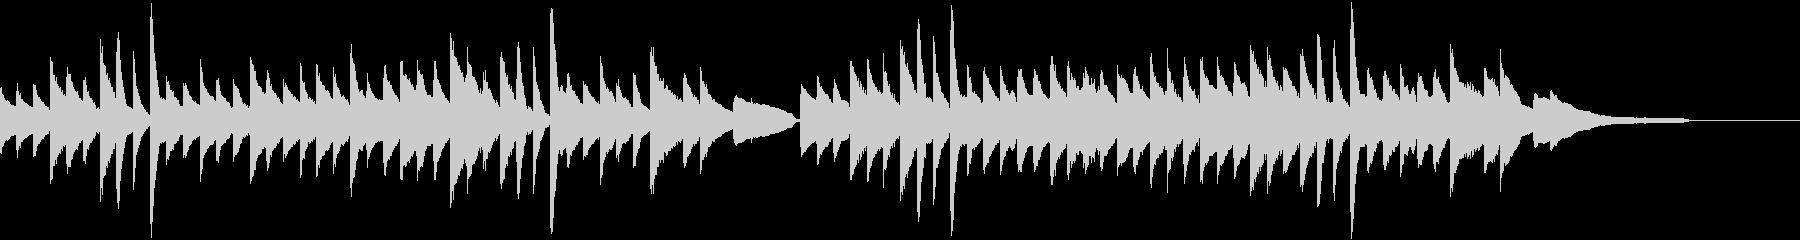 CM等に/日本らしいほのぼのするピアノの未再生の波形